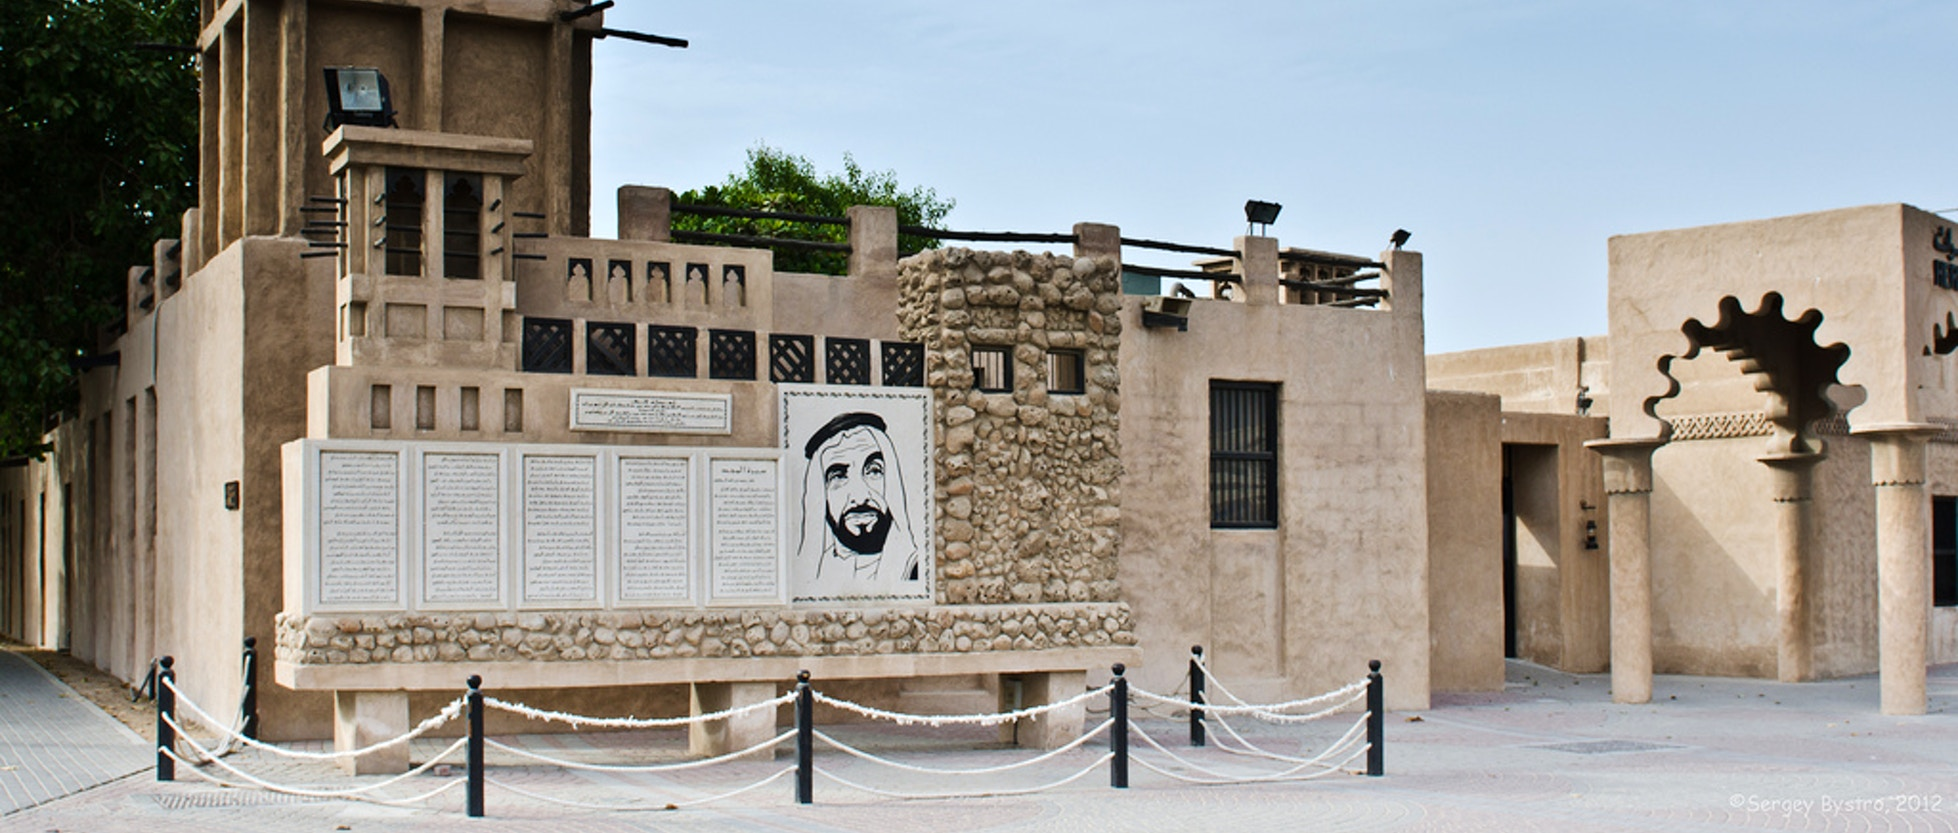 Risultati immagini per CASE ANTICHE A DUBAI